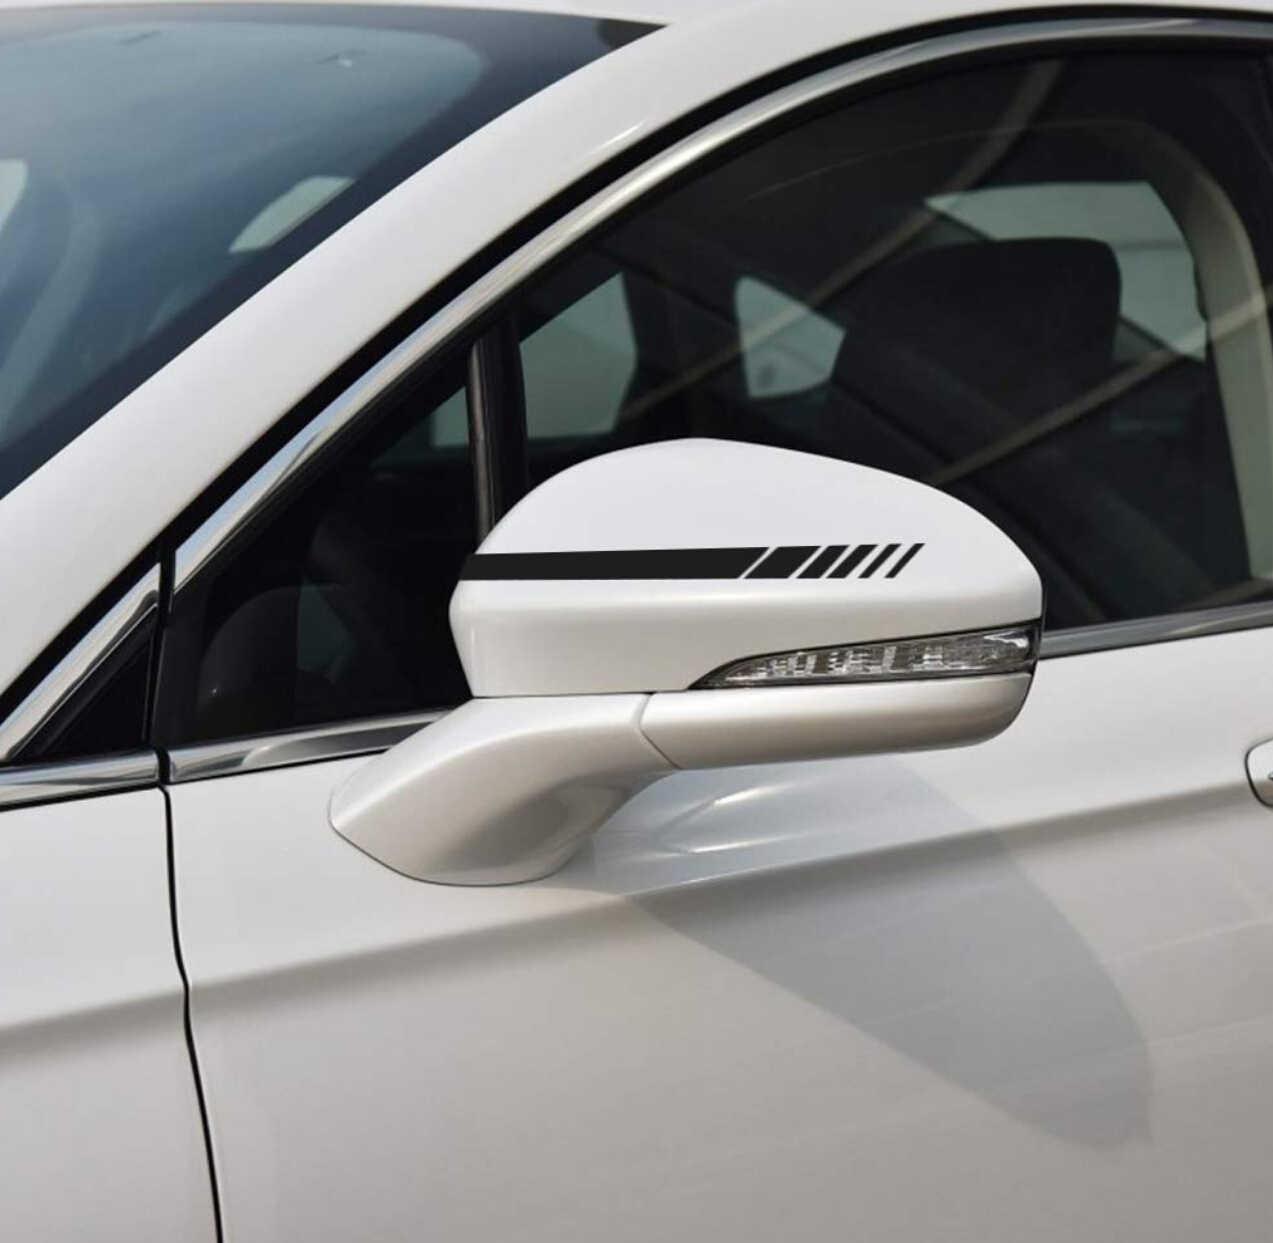 2 шт. автомобильный Стайлинг Авто Виниловая Графика Наклейка для Honda CRV Accord Odeysey Crosstour City Civic JADE Crider Spirior Ciimo Elysion